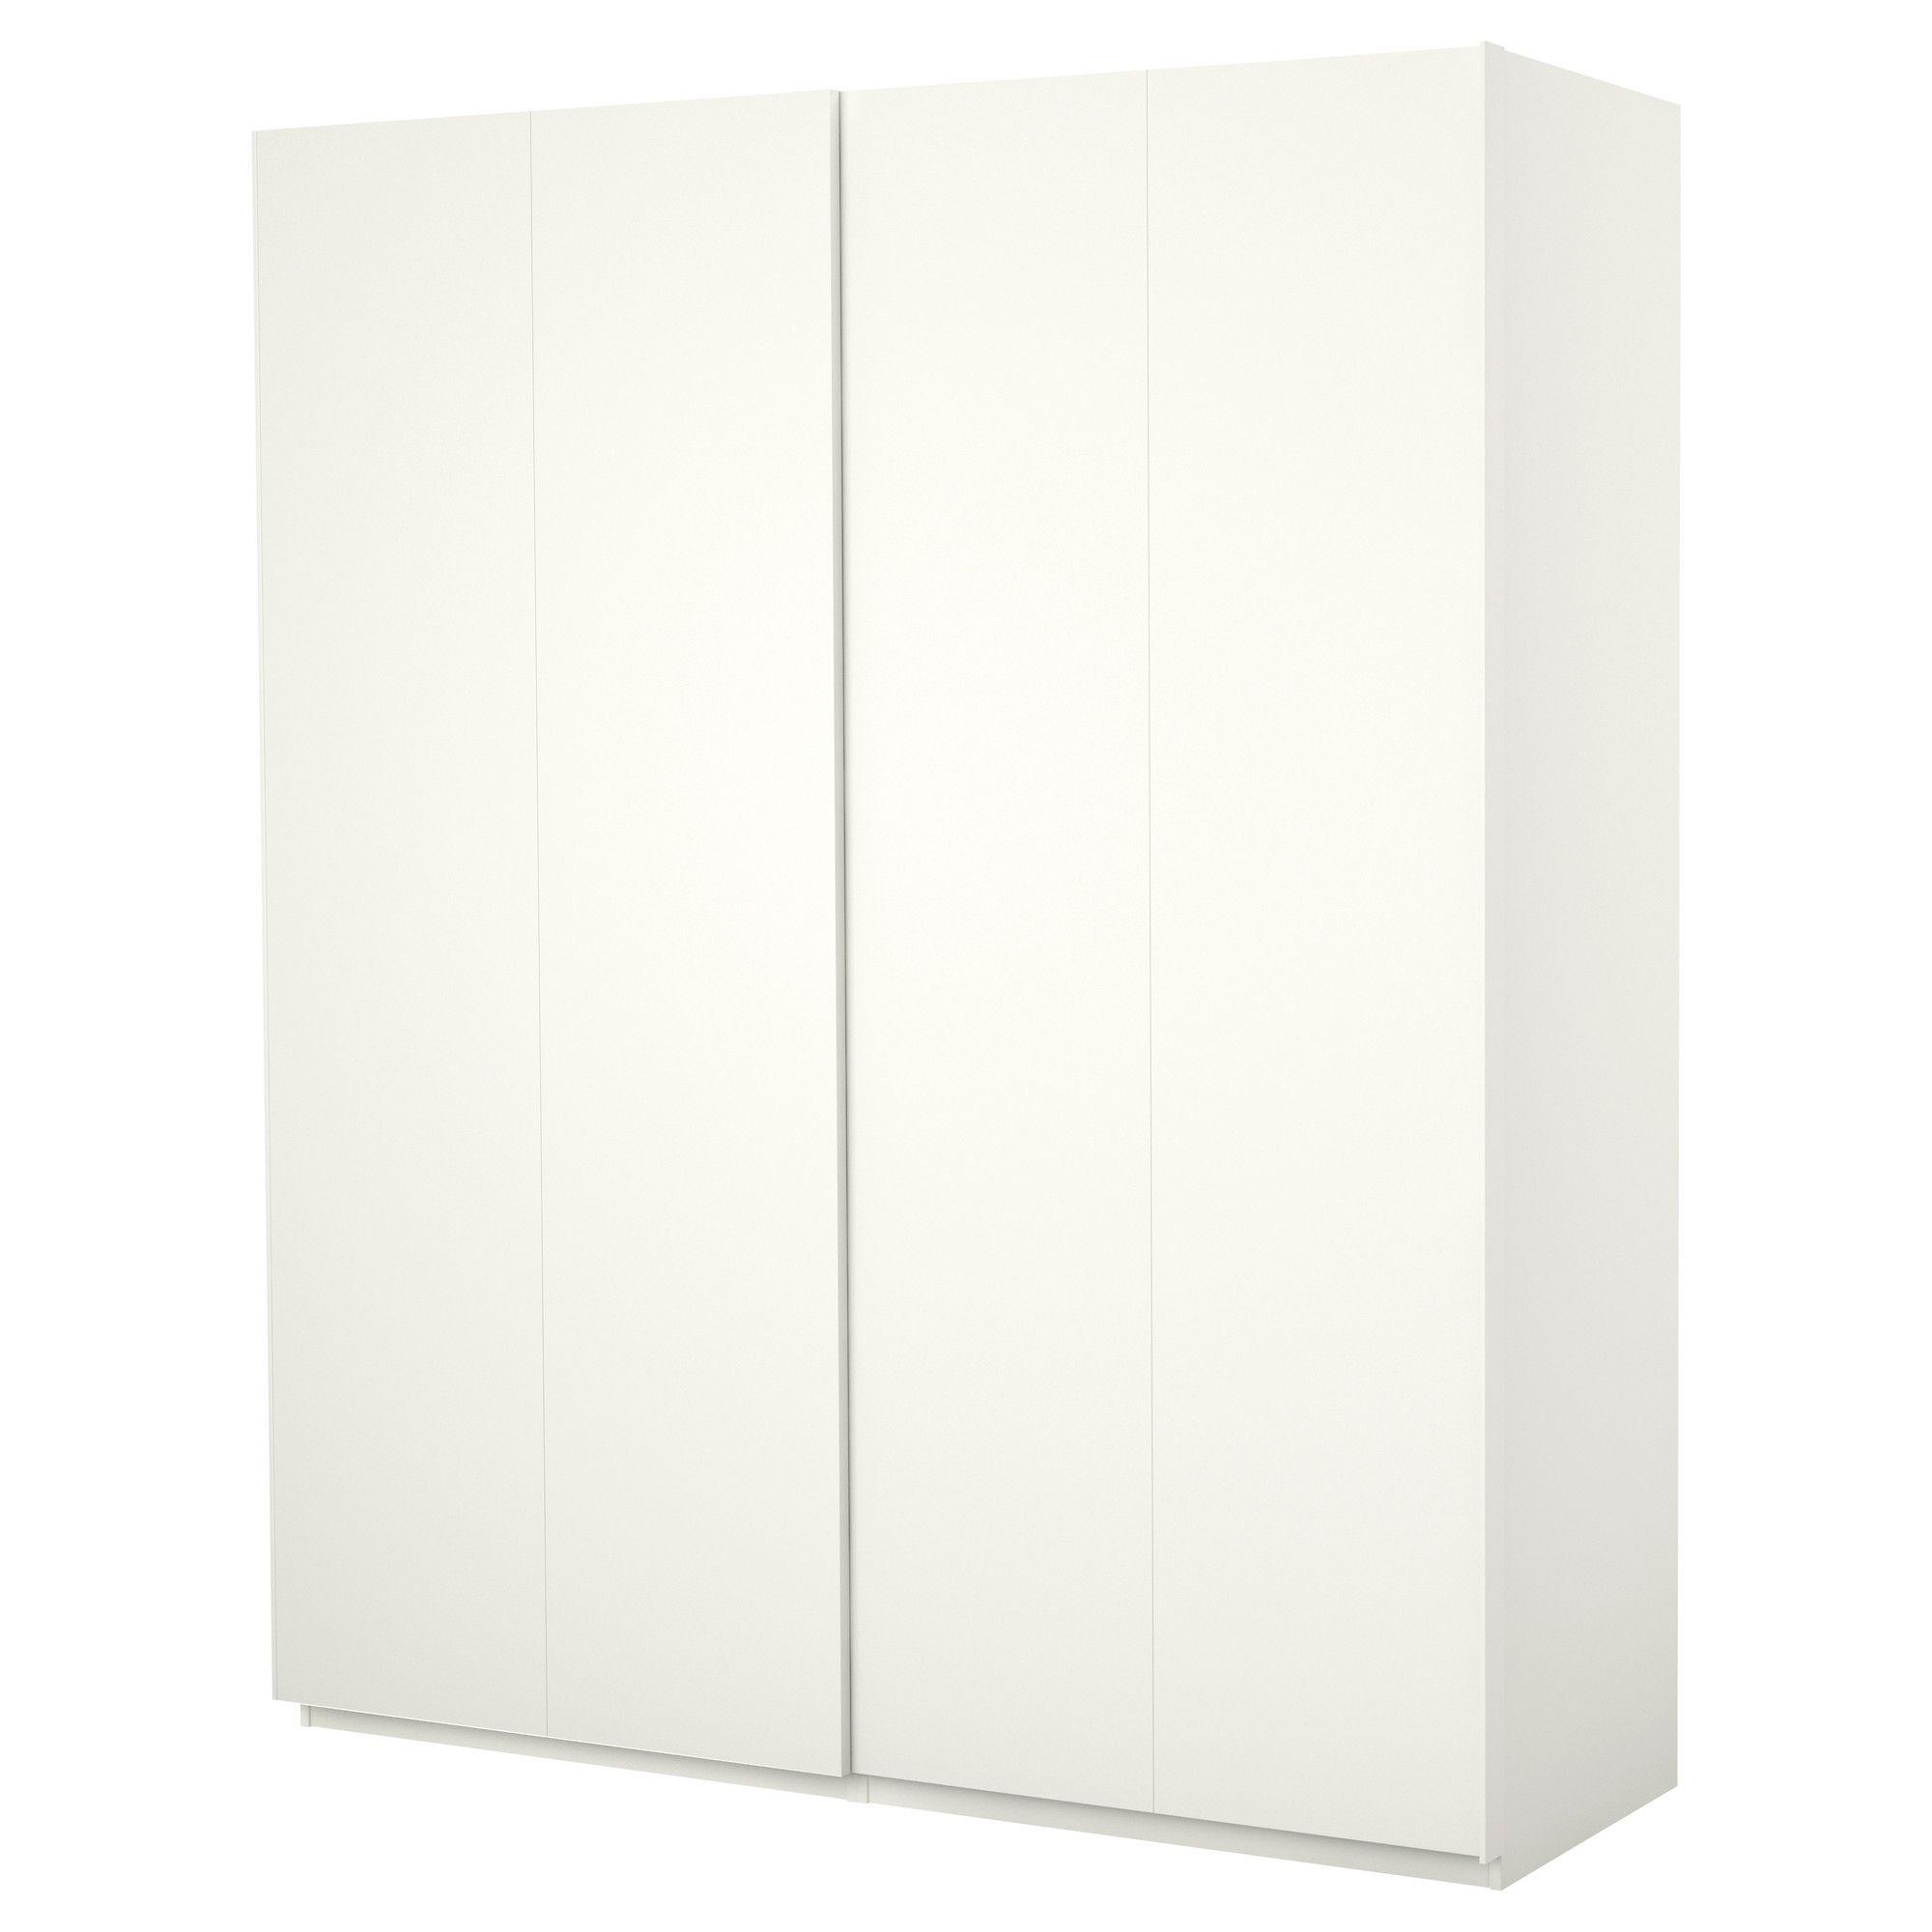 Pax armario con puertas correderas blanco hasvik blanco for Armario blanco puertas correderas ikea